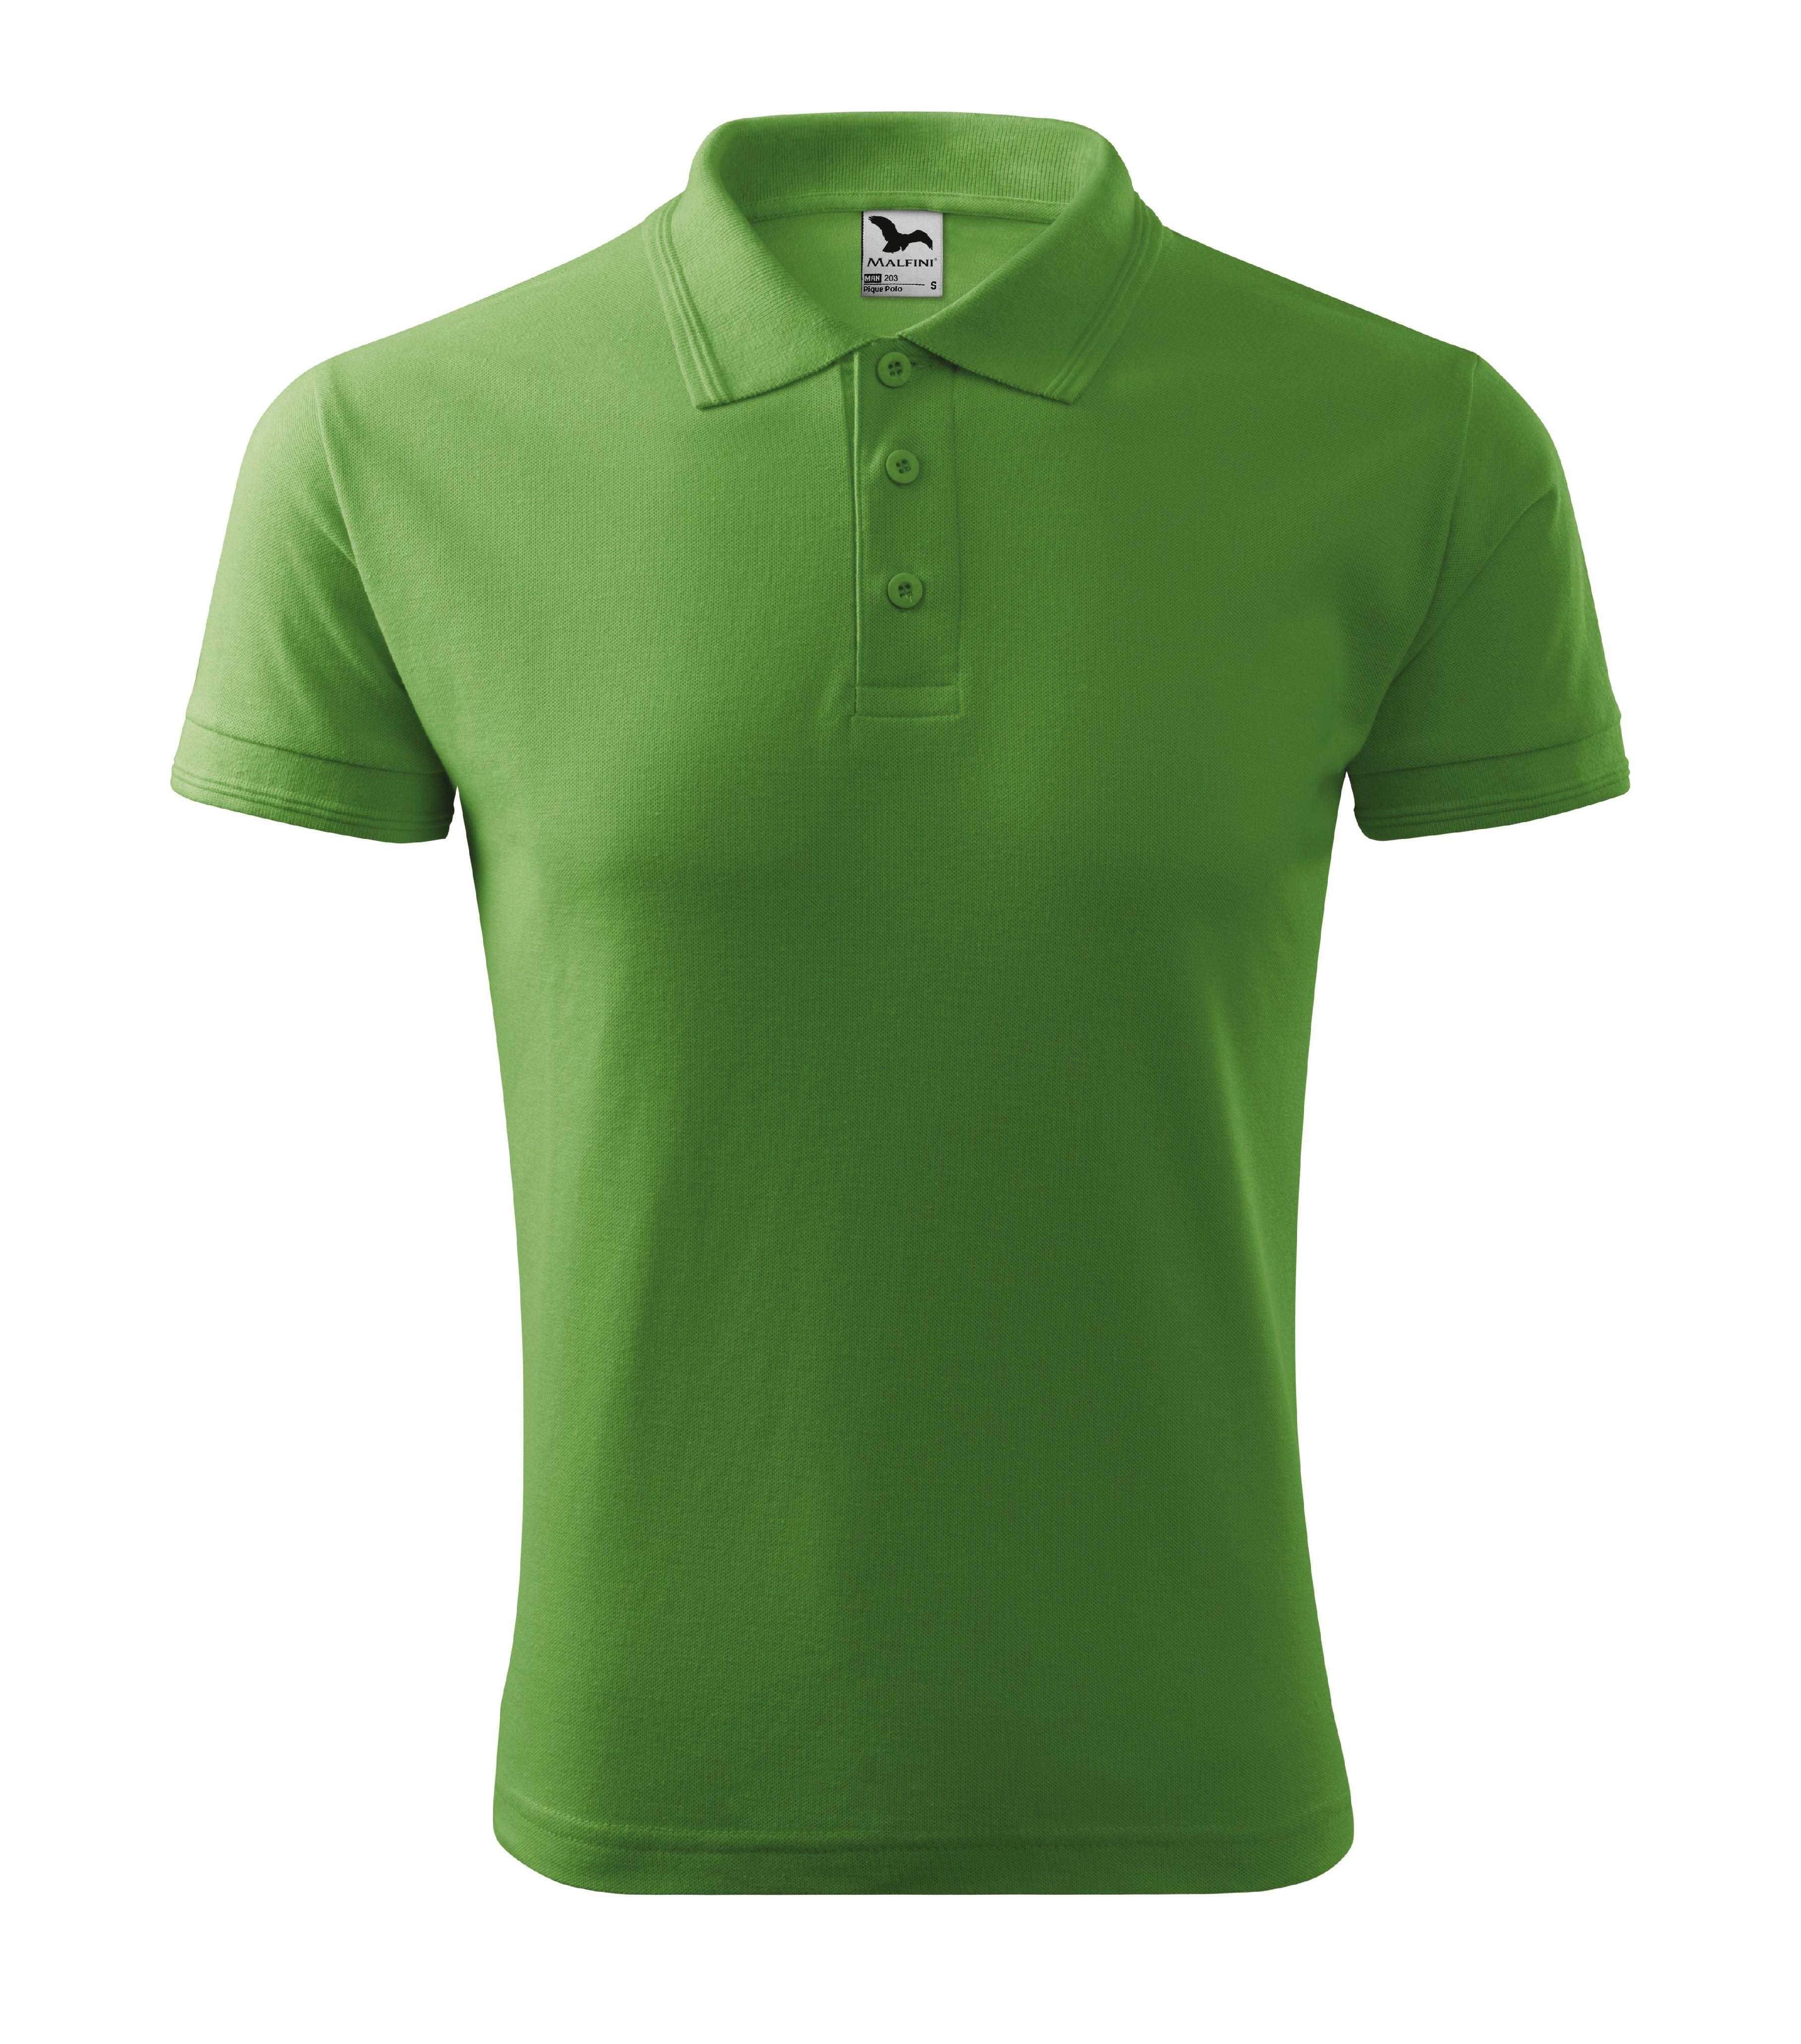 Polokošile pánská Pique Polo Barva: trávově zelená, Velikost: L